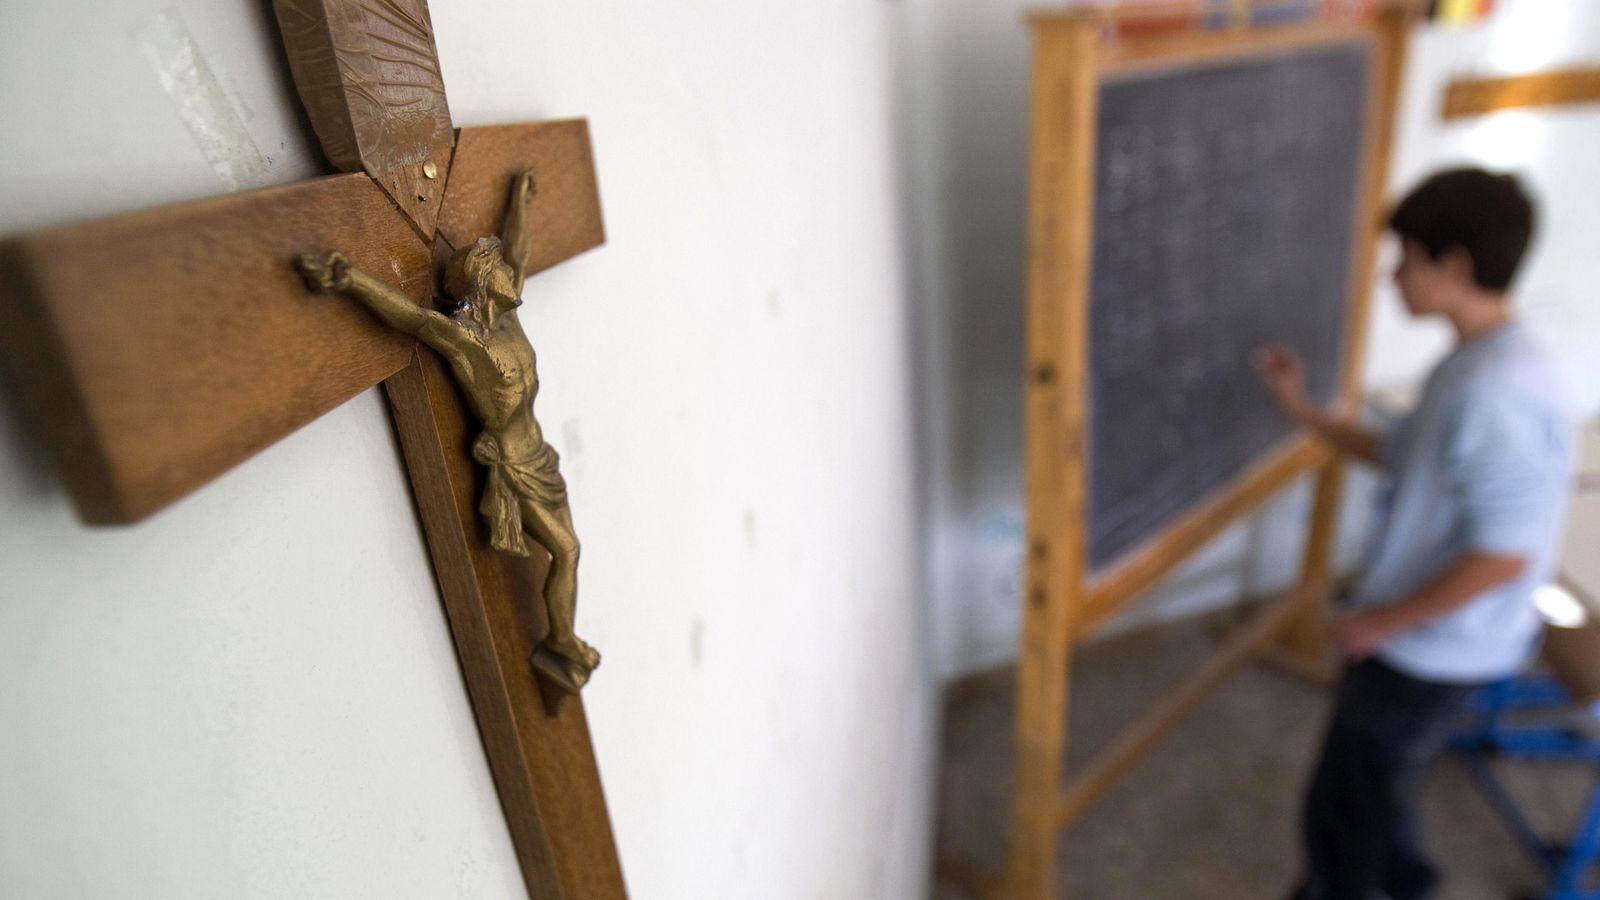 Foto: Un crucifijo cuelga de la pared de un colegio romano. (Reuters/Tony Gentile)